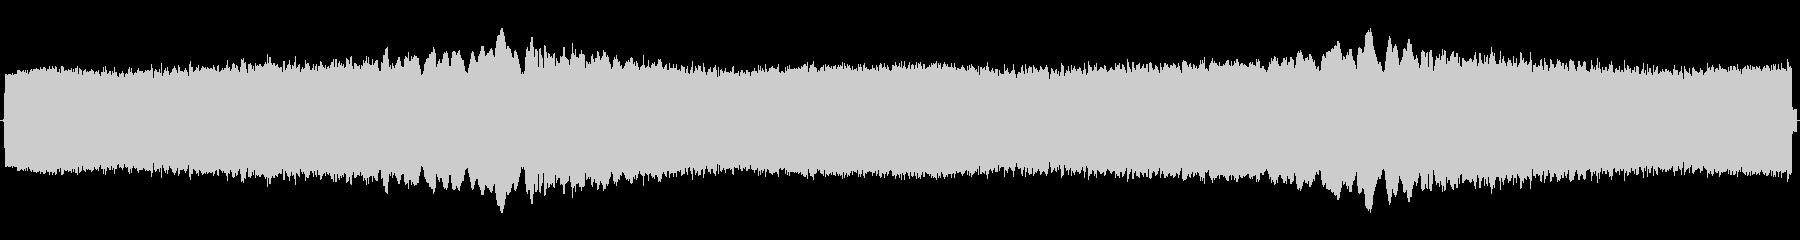 救急車サイレン(ウー)の未再生の波形